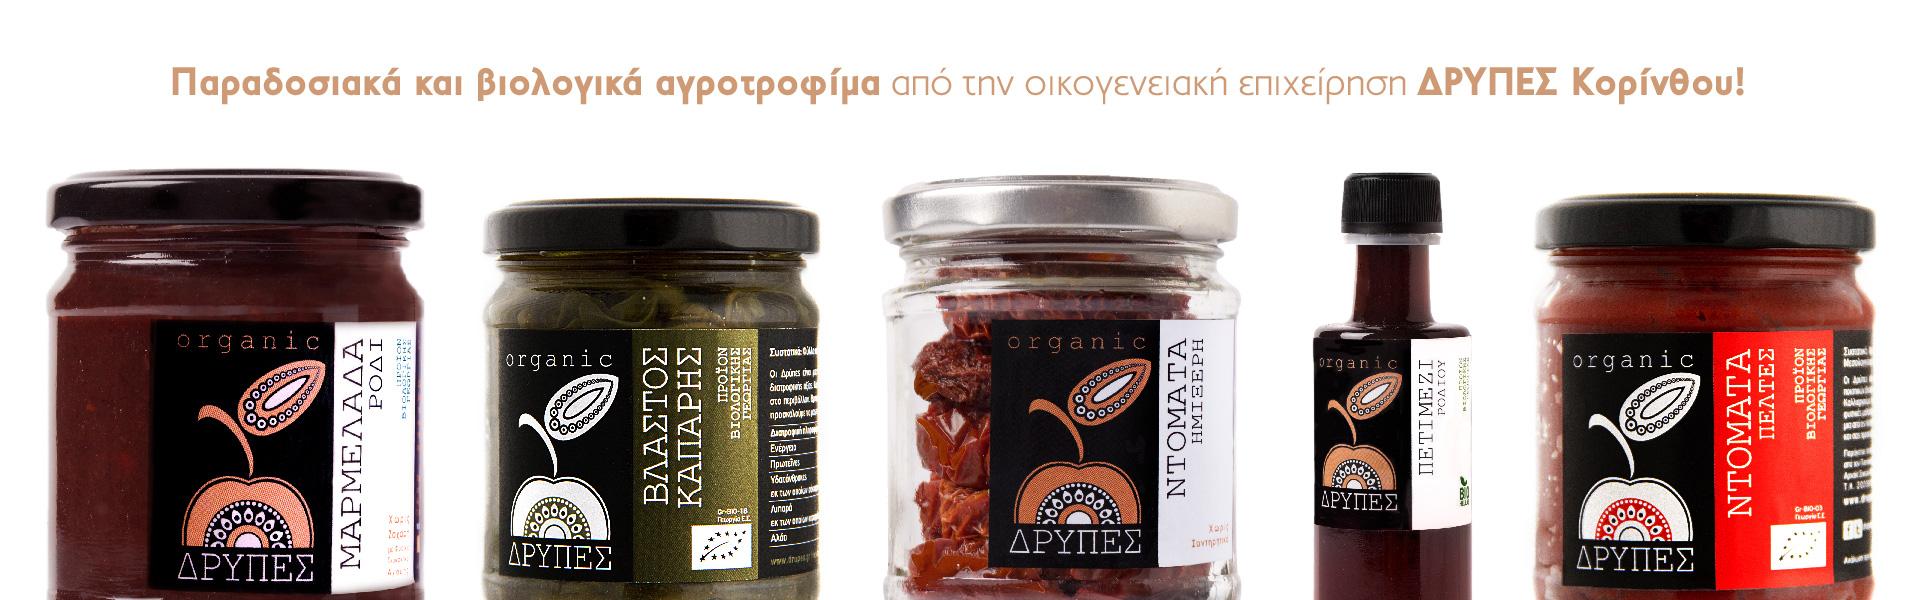 Δρύπες Βιολογικά και παραδοσιακά προϊόντα Κορινθία